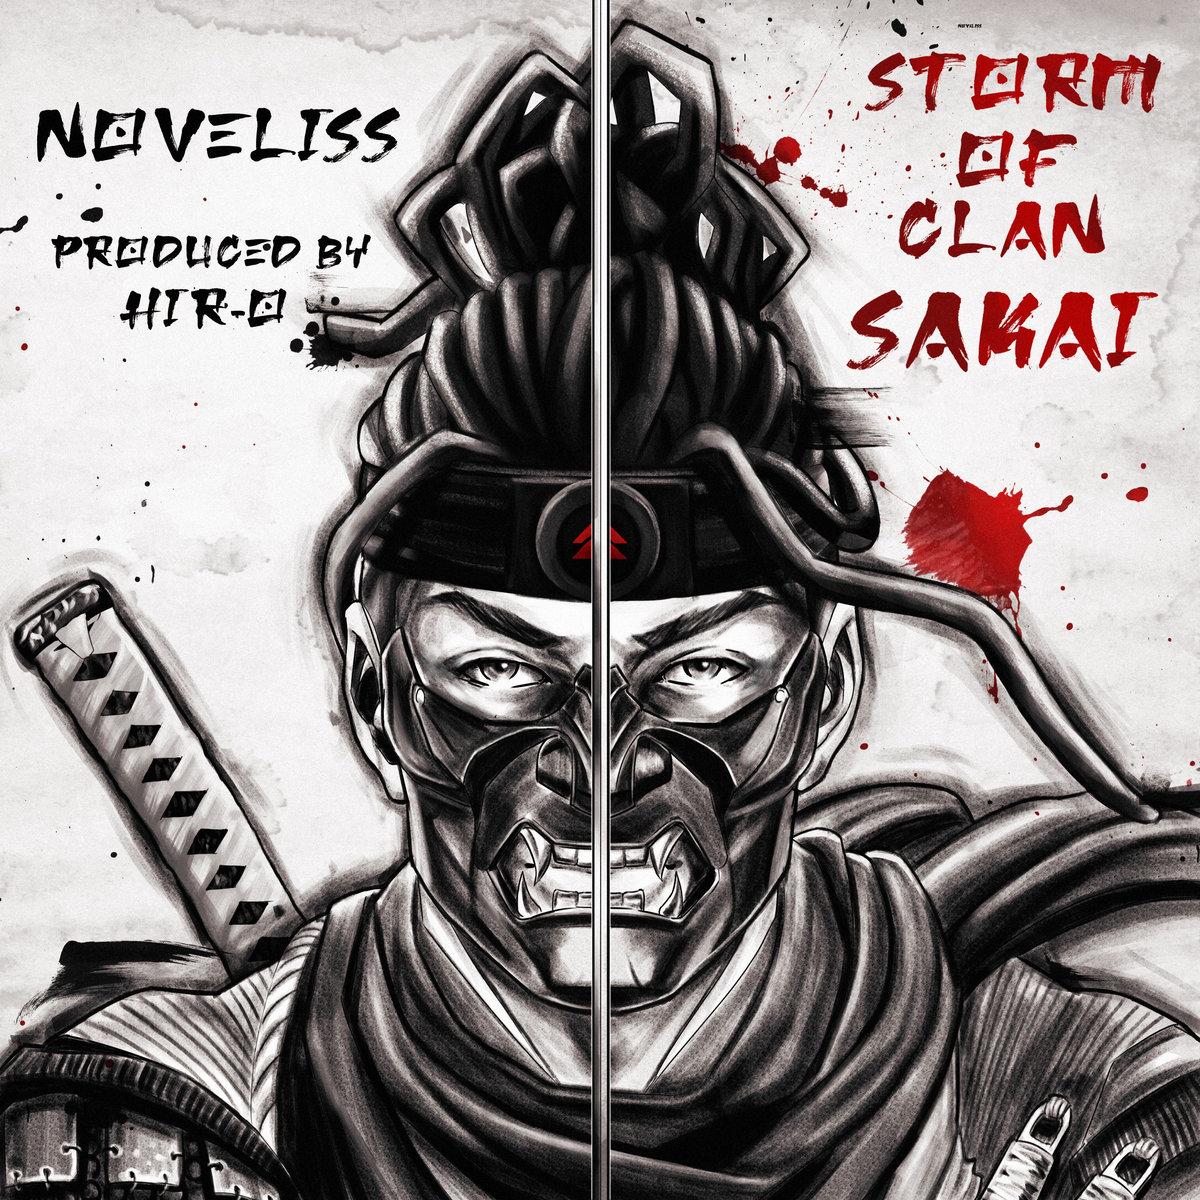 Storm of Clan Sakai by Noveliss